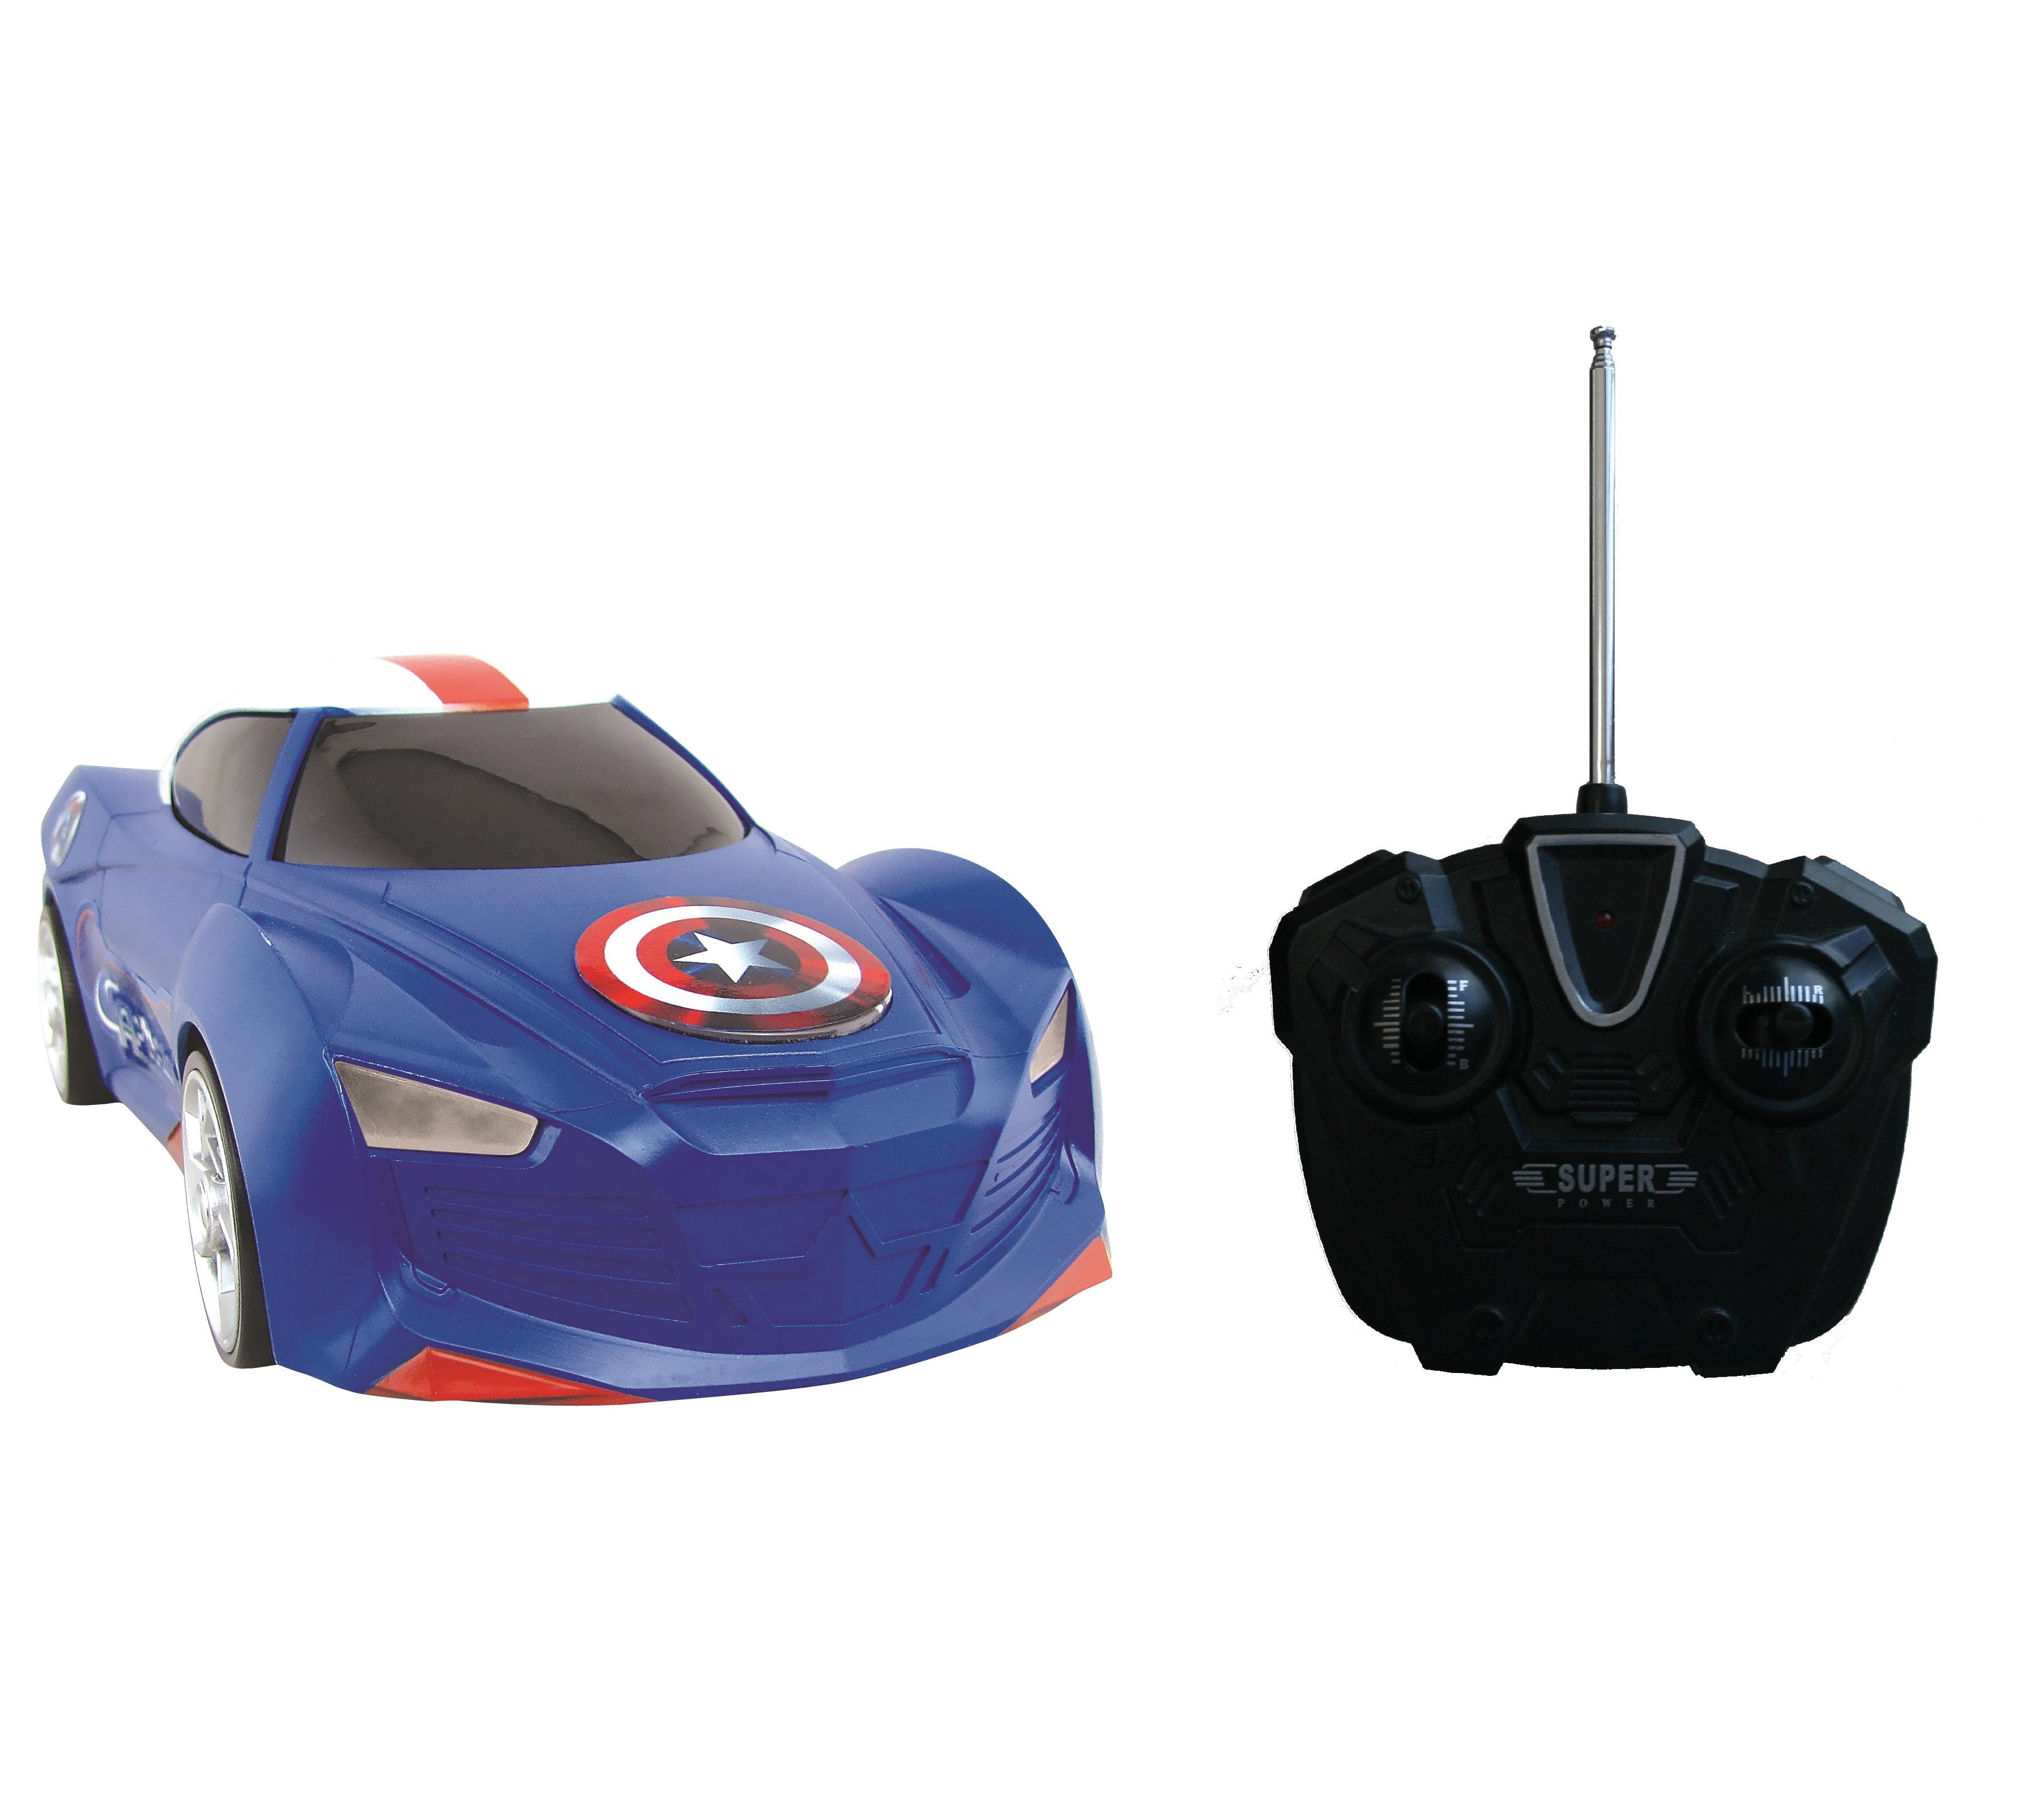 Радиоуправляемая машинка из серии Мстители - Капитан Америка, 1:16Машины на р/у<br>Радиоуправляемая машинка из серии Мстители - Капитан Америка, 1:16<br>